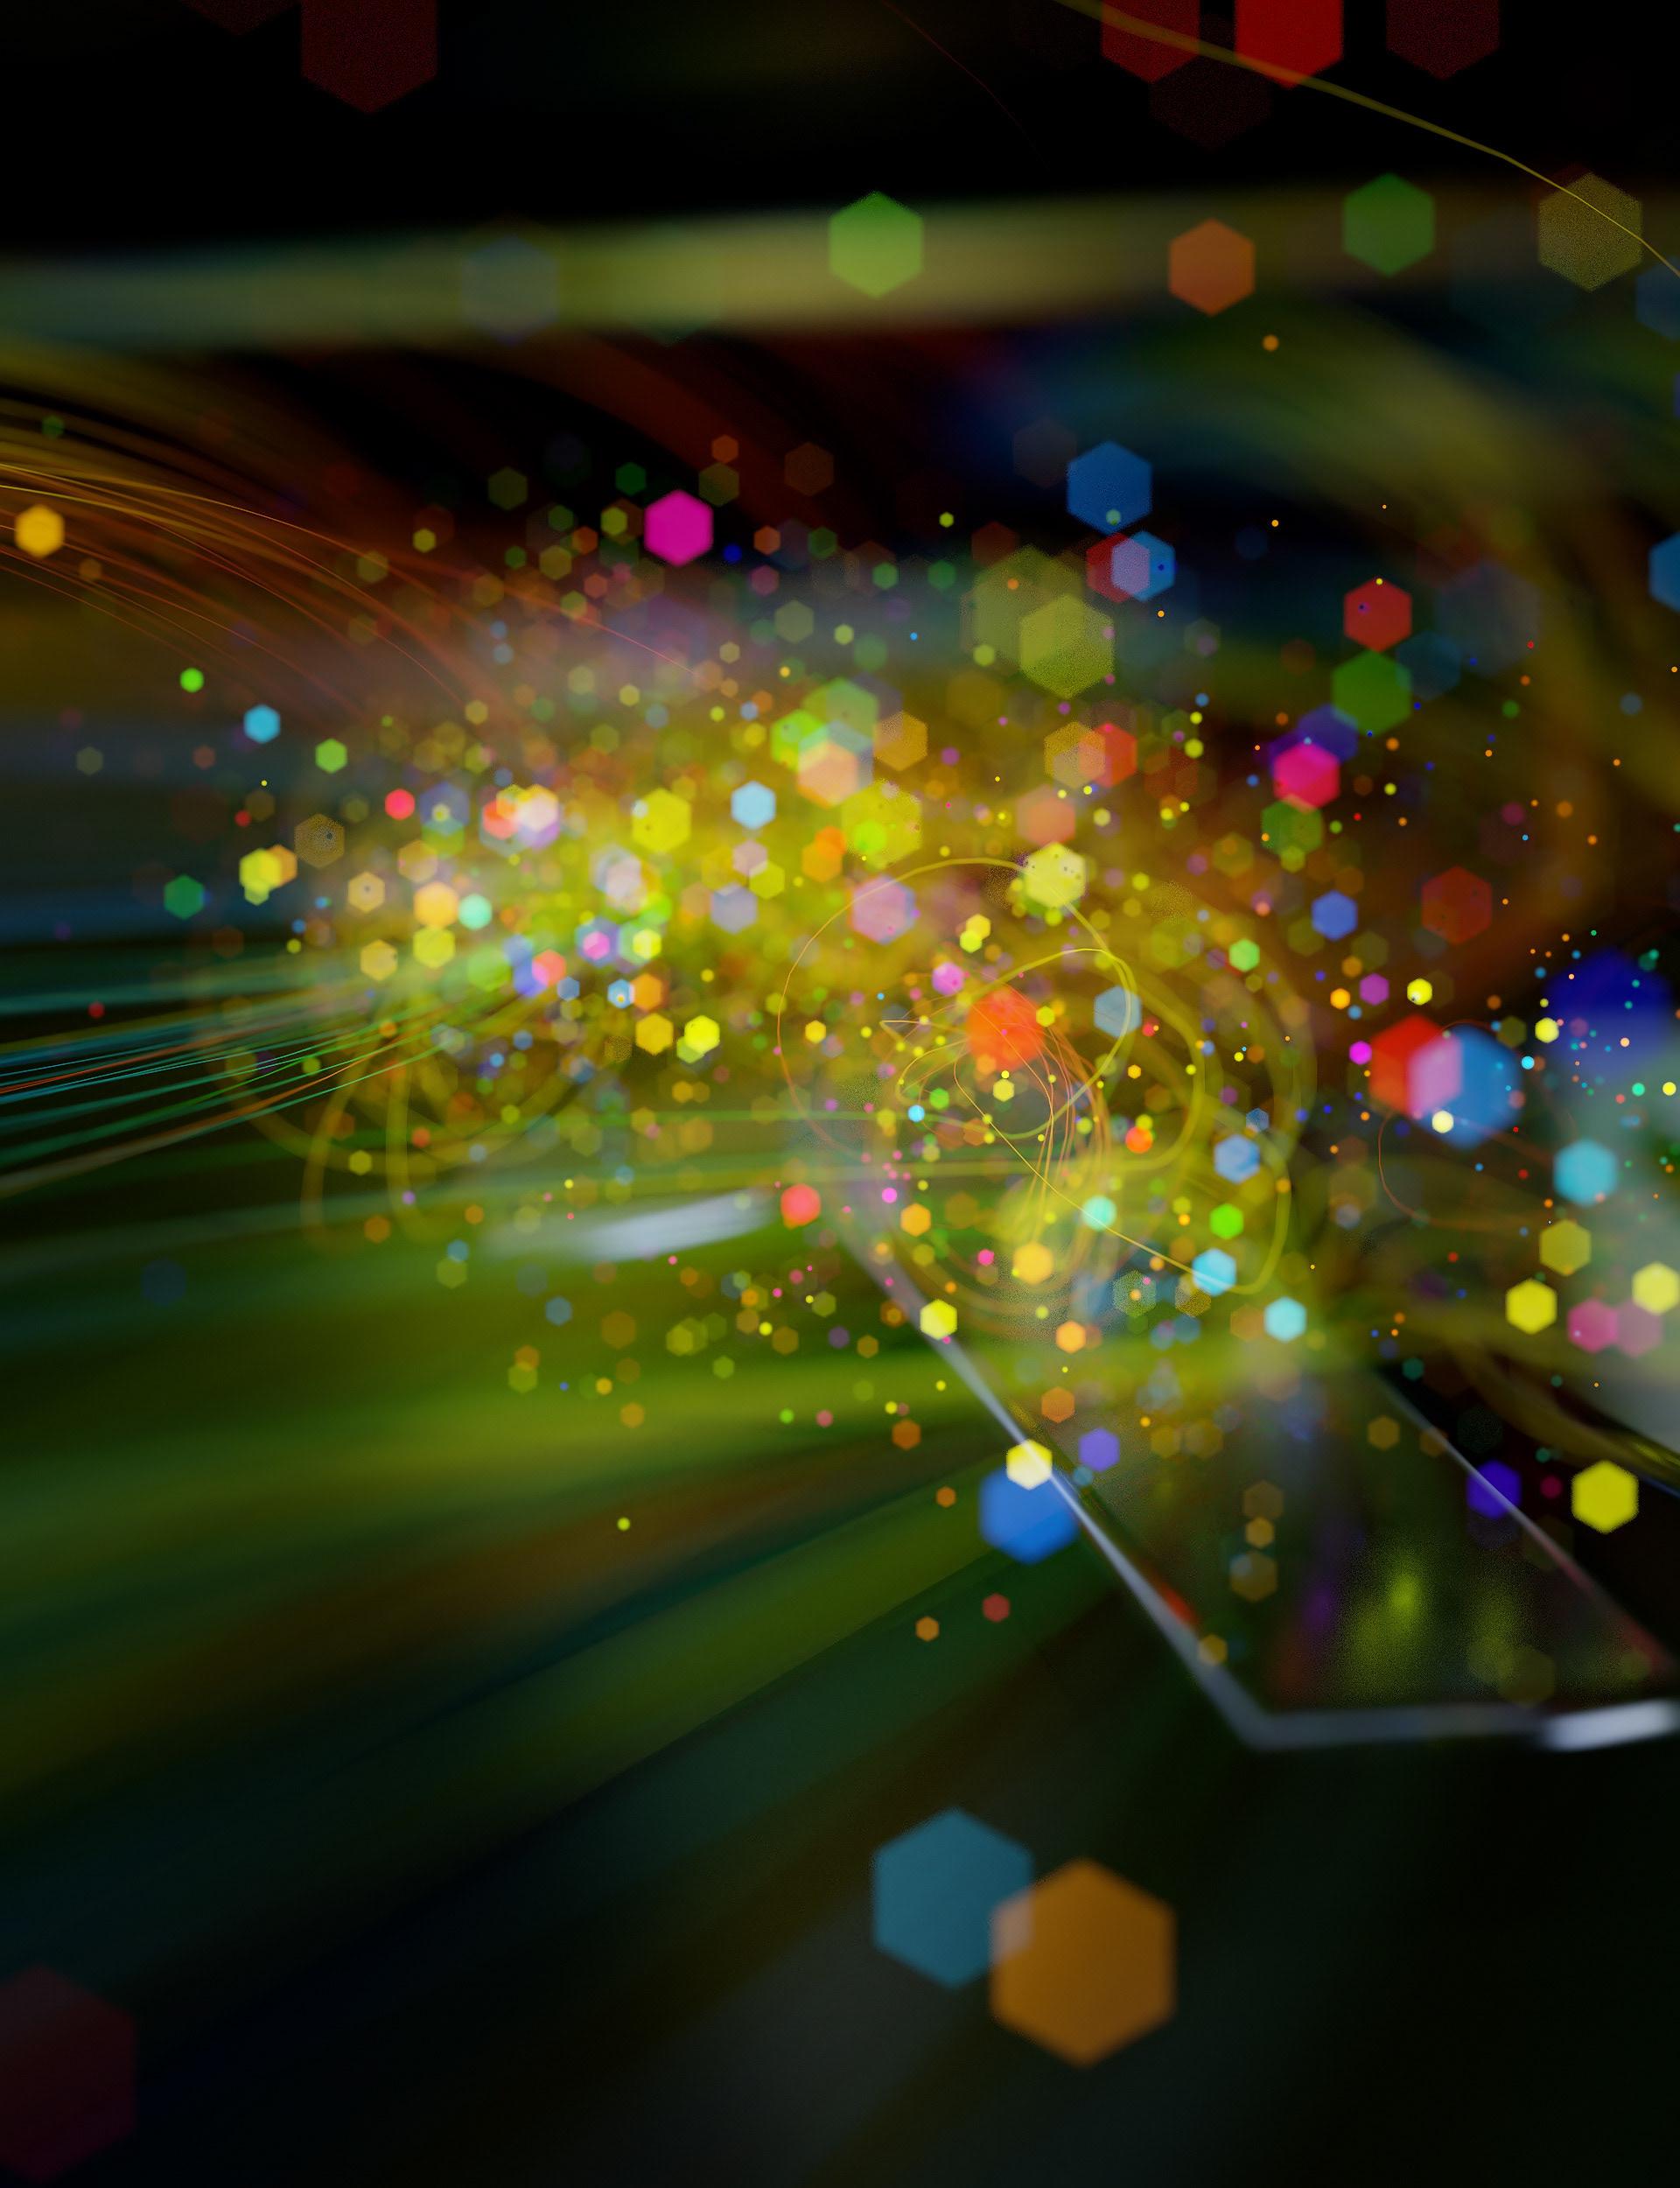 Les superbes créations d'art digital de Alex Malstev